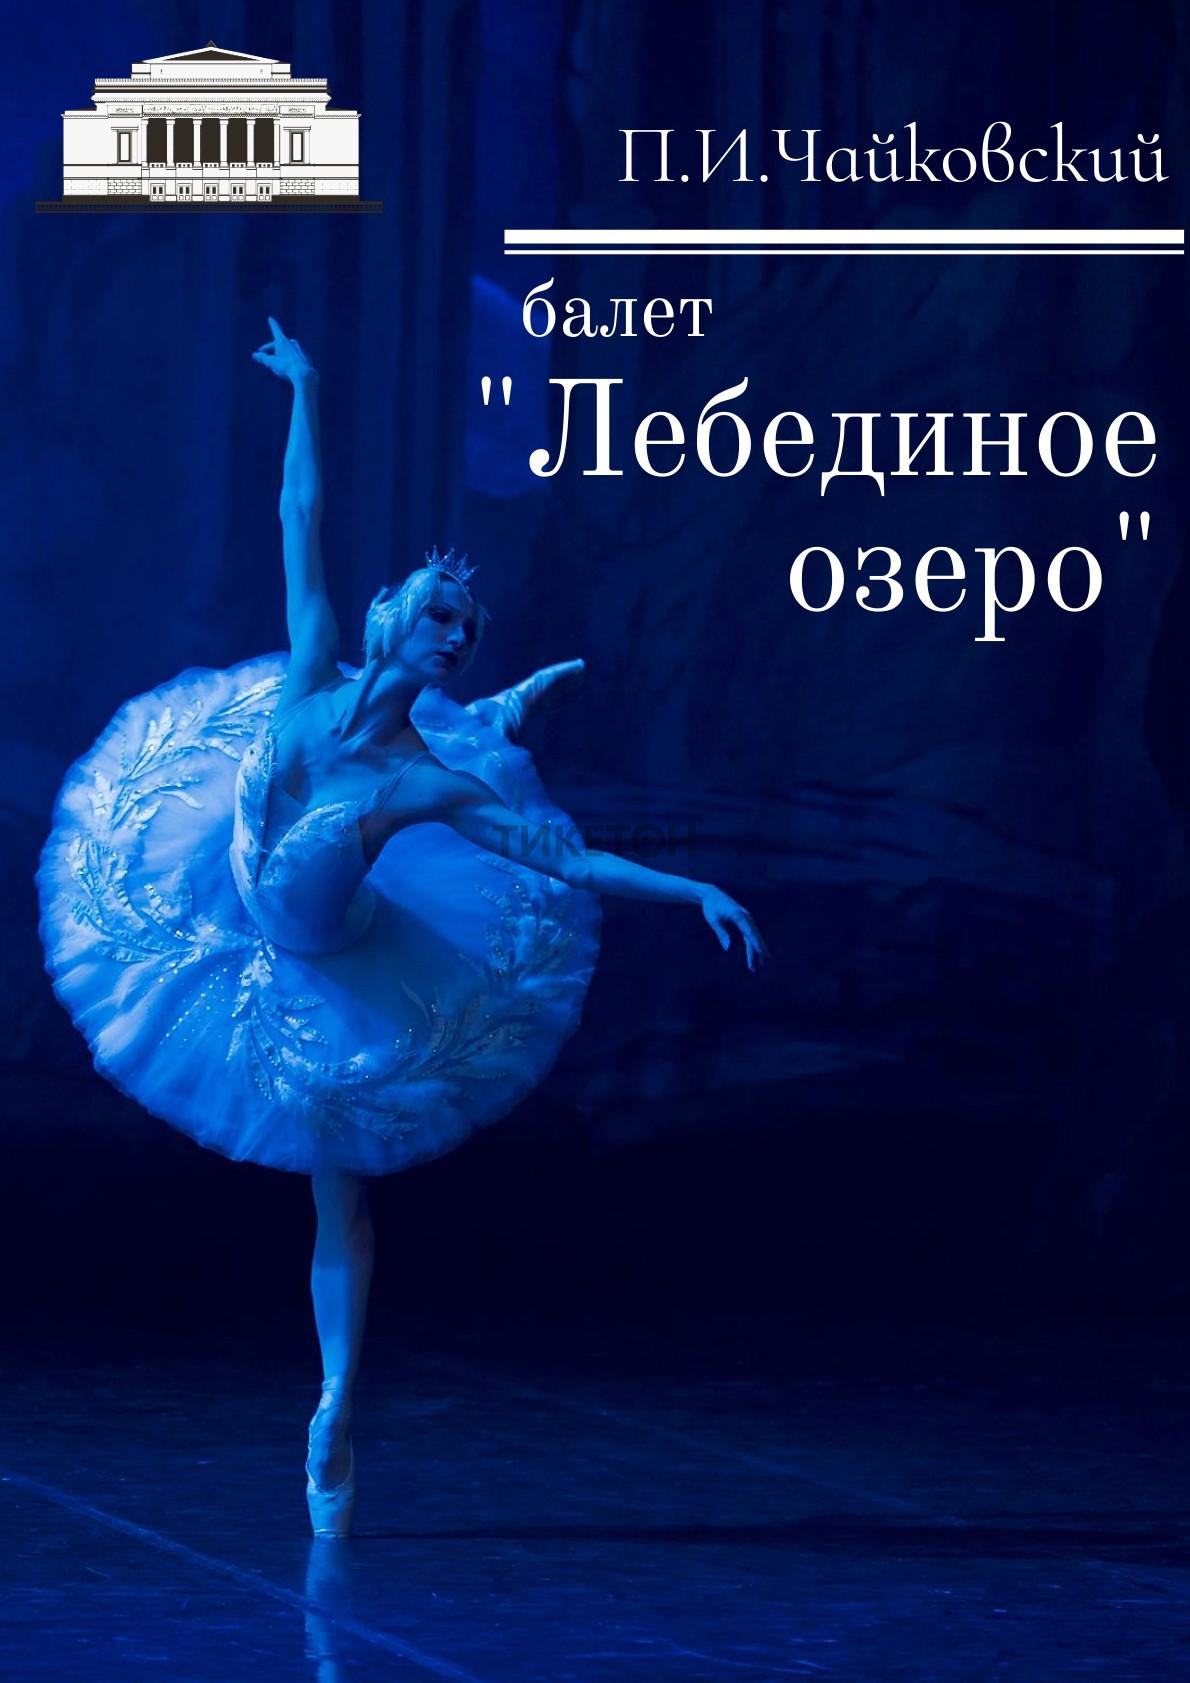 p-i-chaykovskiy-balet-lebedinoe-ozero-190120